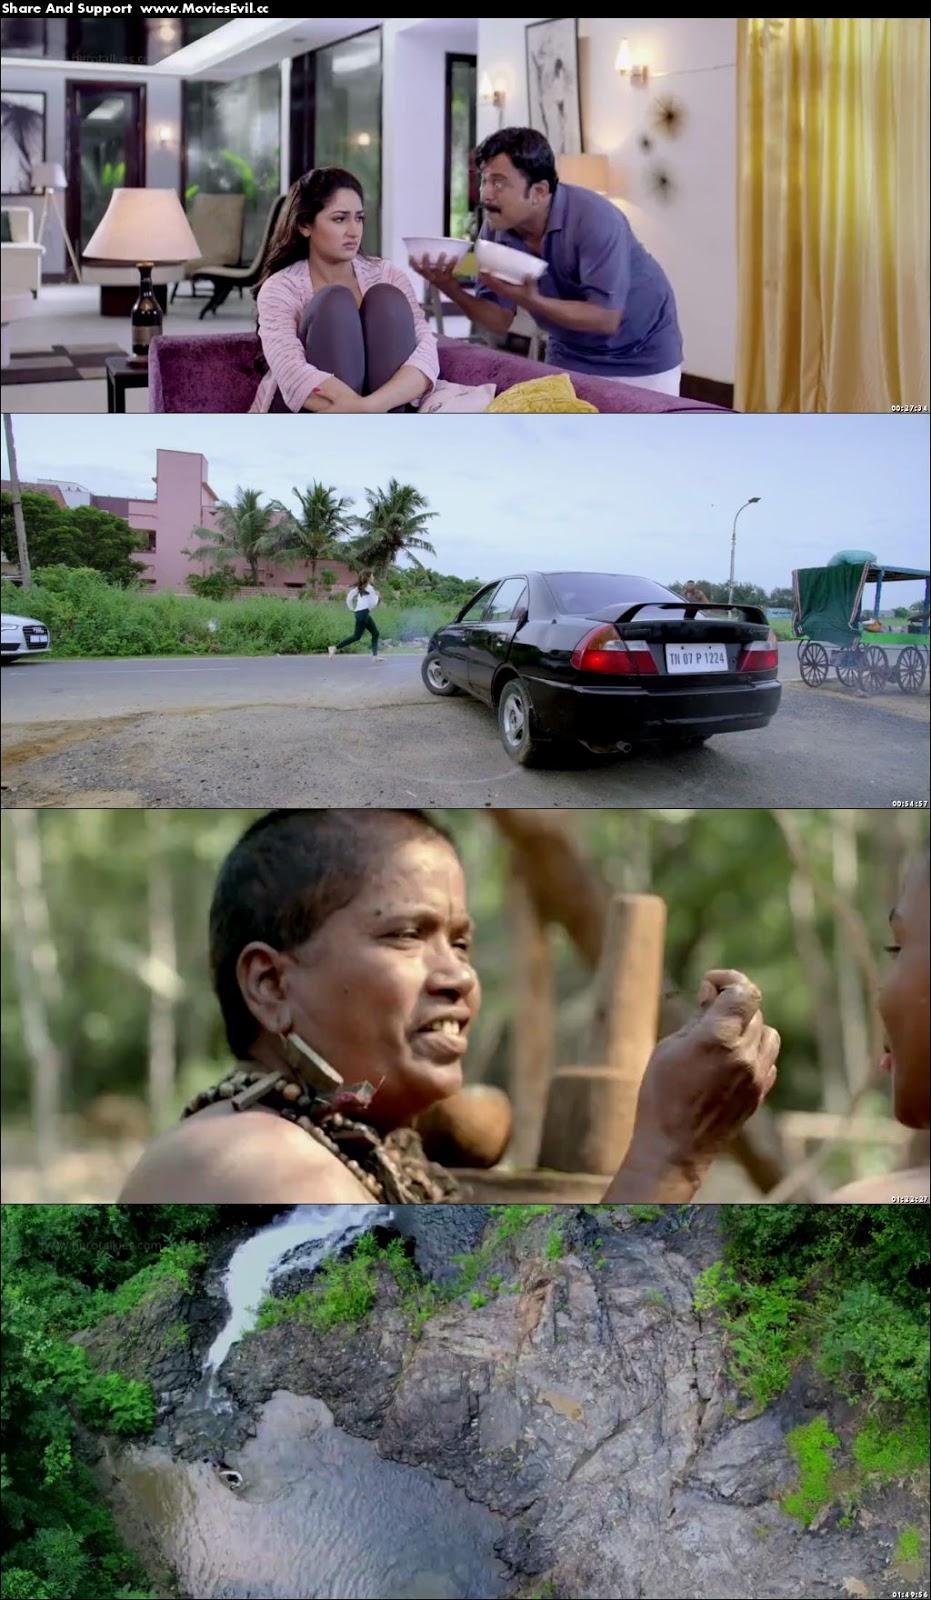 Vanamagan 2017 Hindi Dubbed 720p HDRip x264,Vanamagan 2017 full movie download,Vanamagan 2017 direct link download,Vanamagan 2017 300 mb download,Vanamagan 2017 worldfree4u download